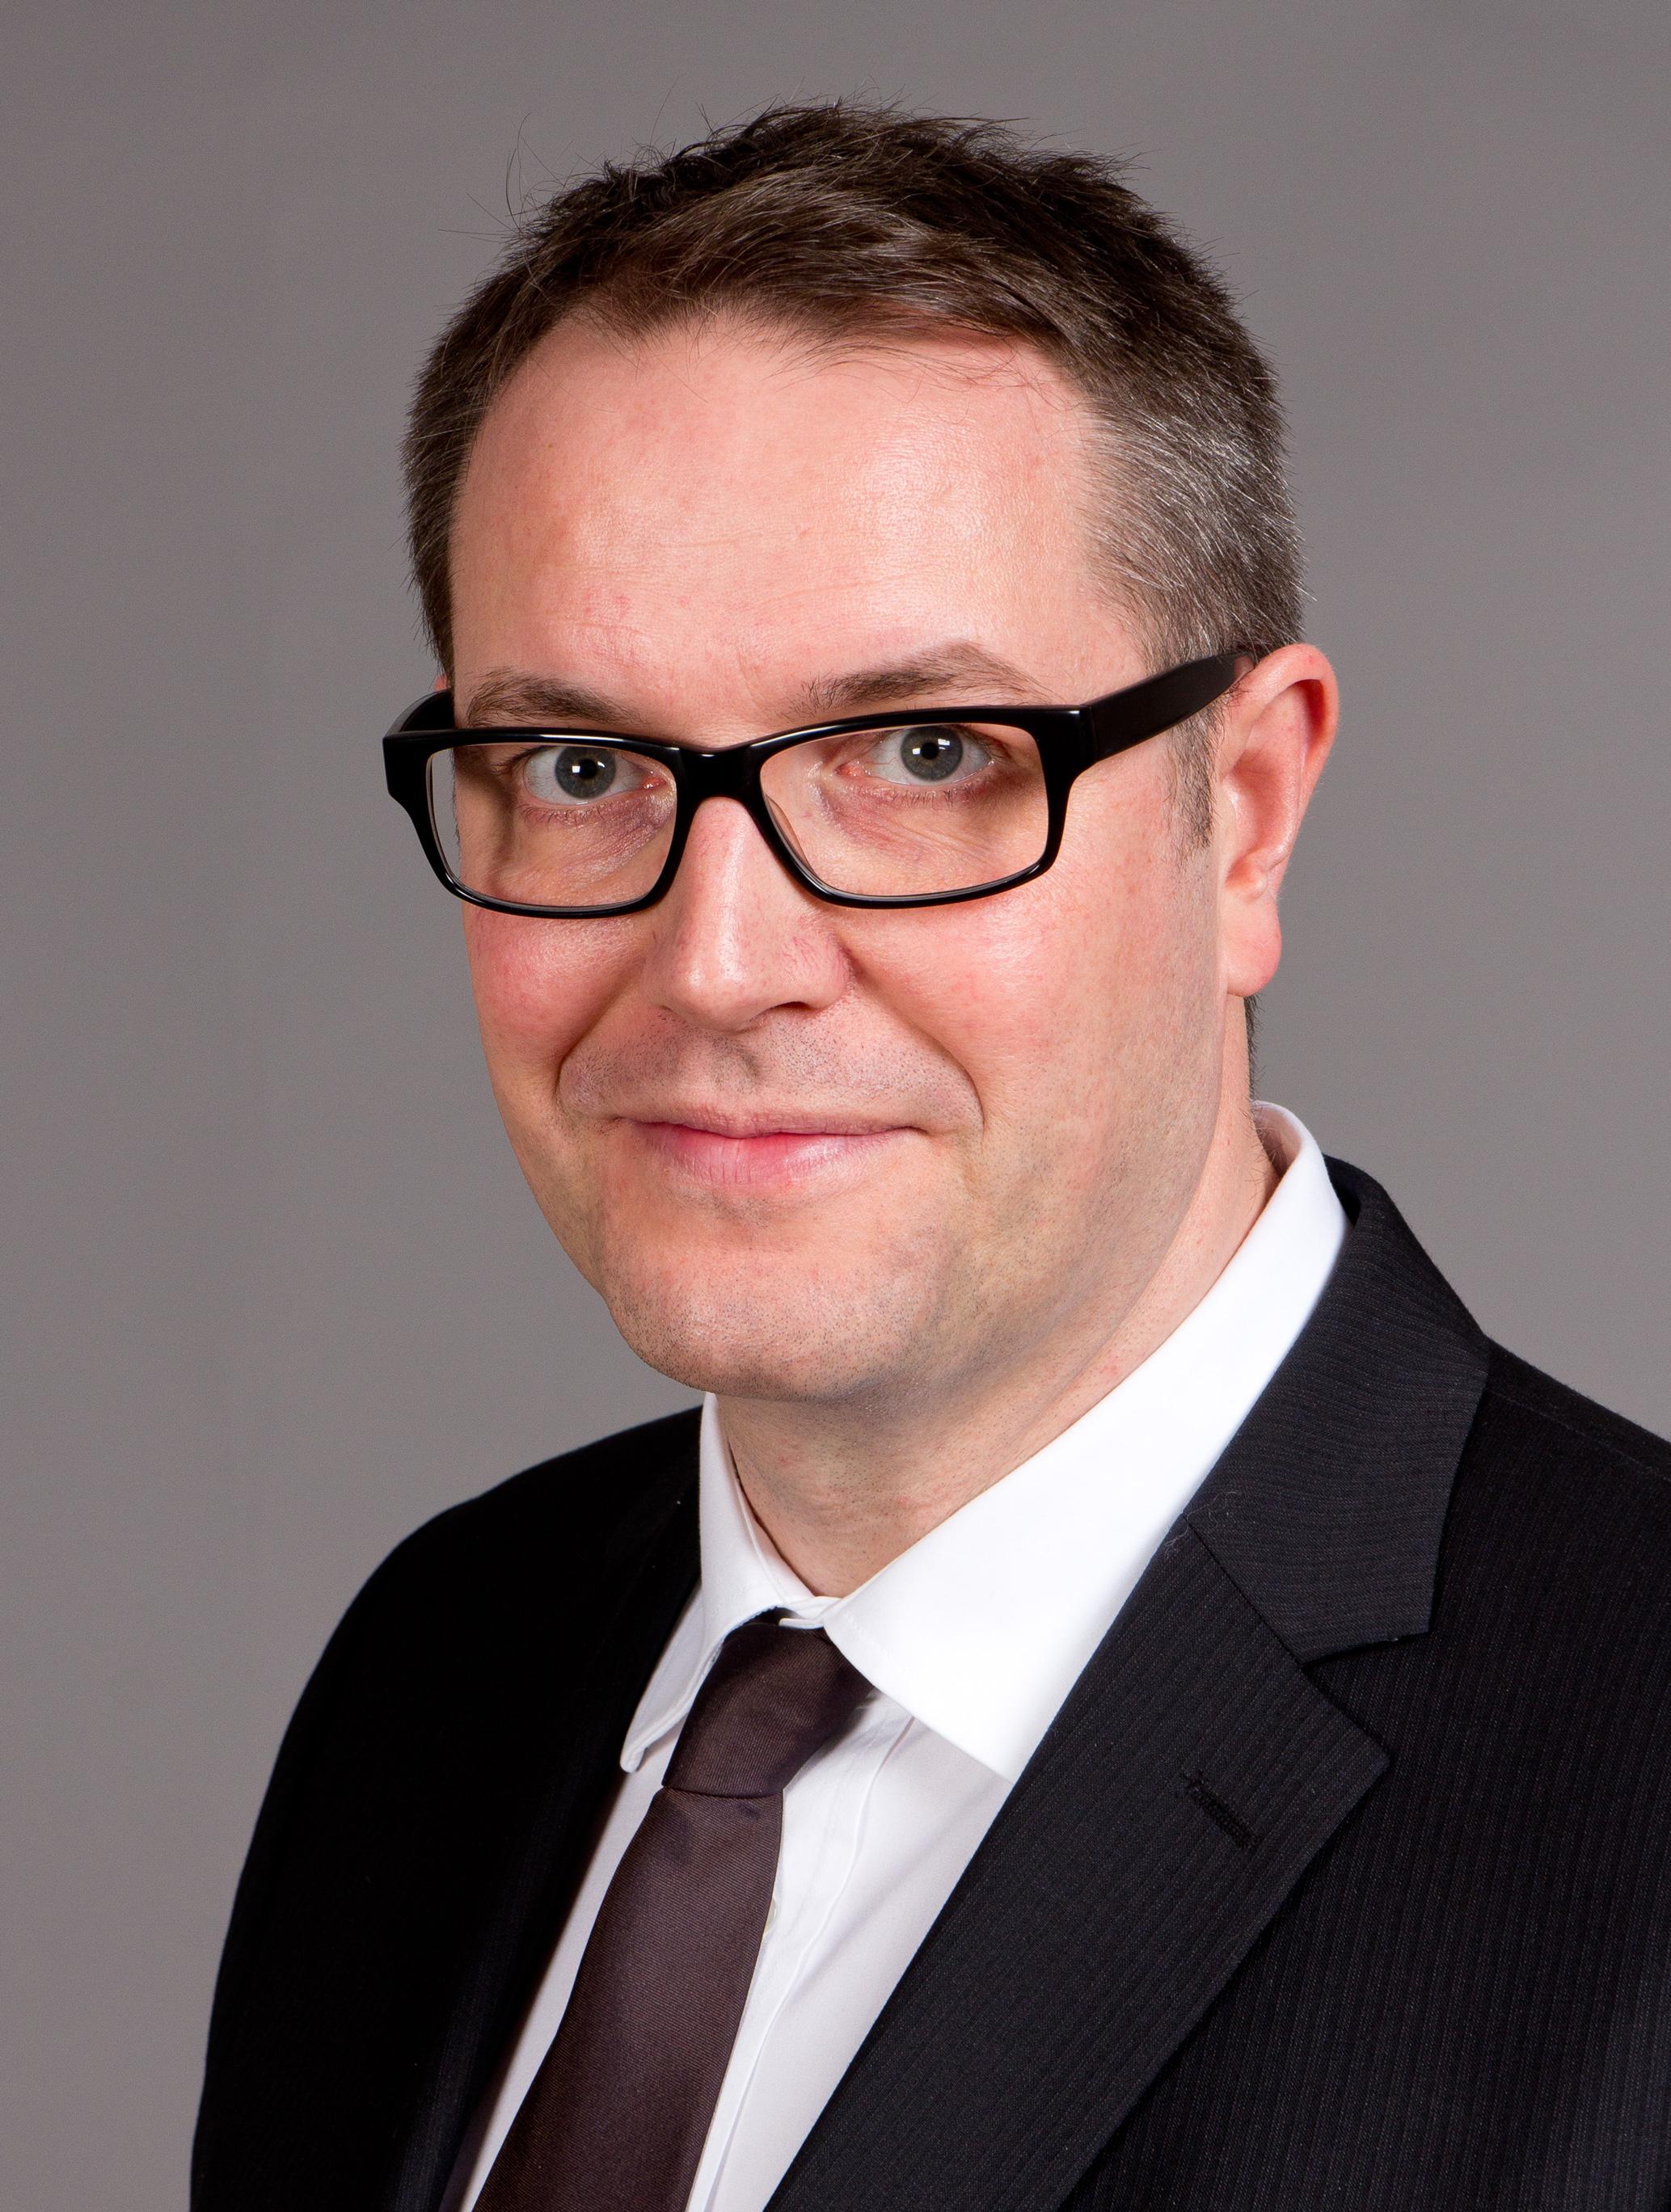 Alexander Schweitzer Politiker Wikipedia